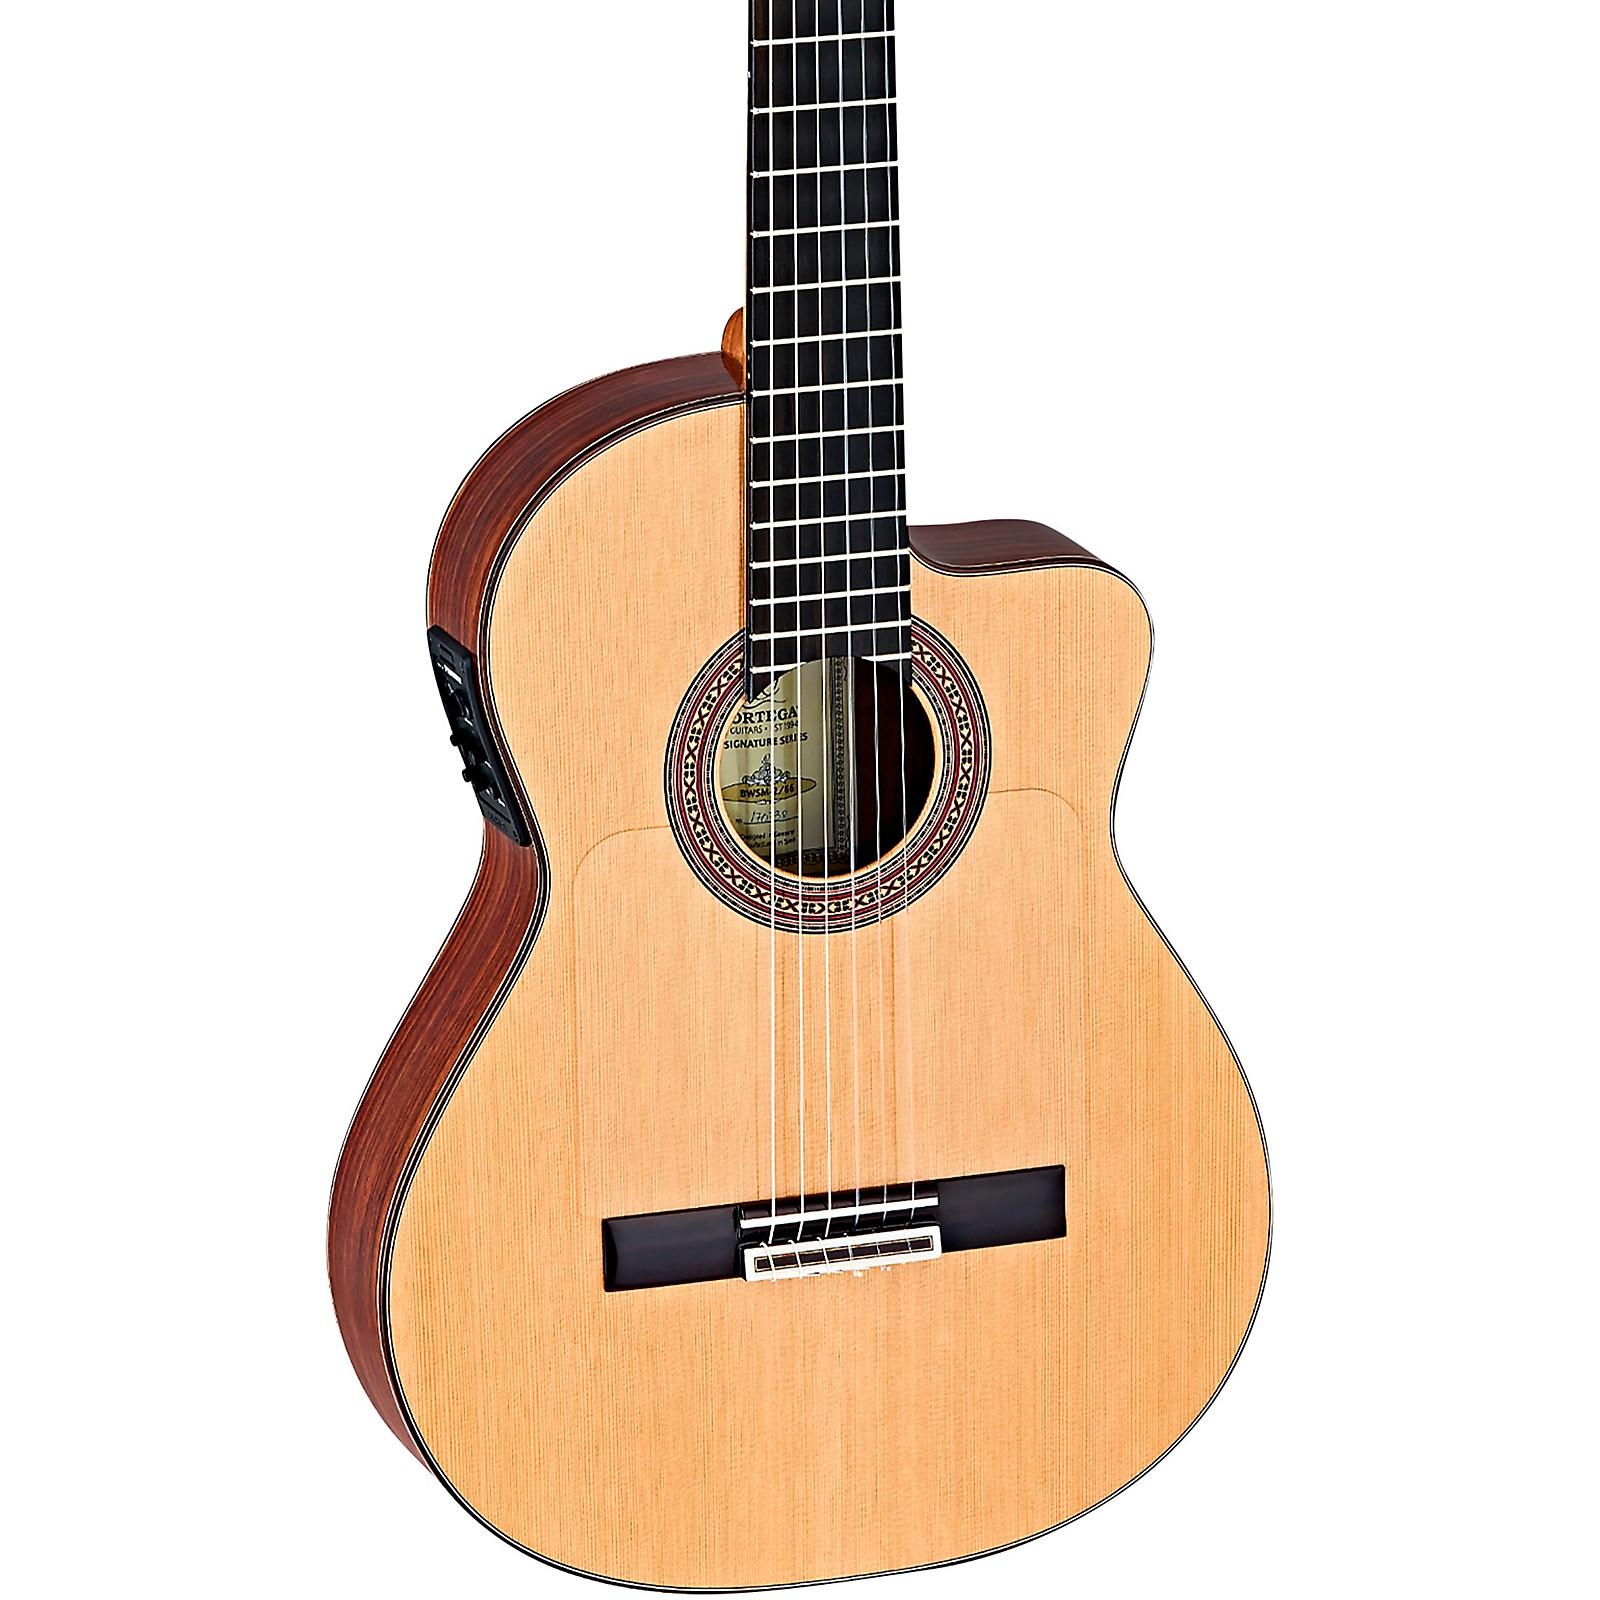 Ortega Ben Woods Signature Nylon String Flamenco Guitar